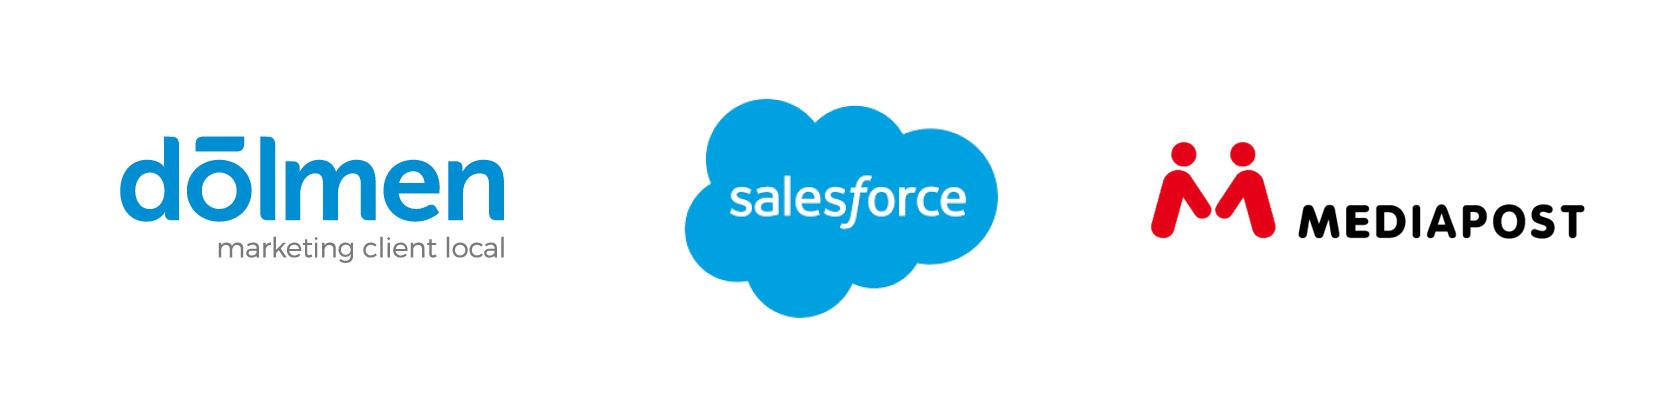 partenariat dolmen salesforce mediapost